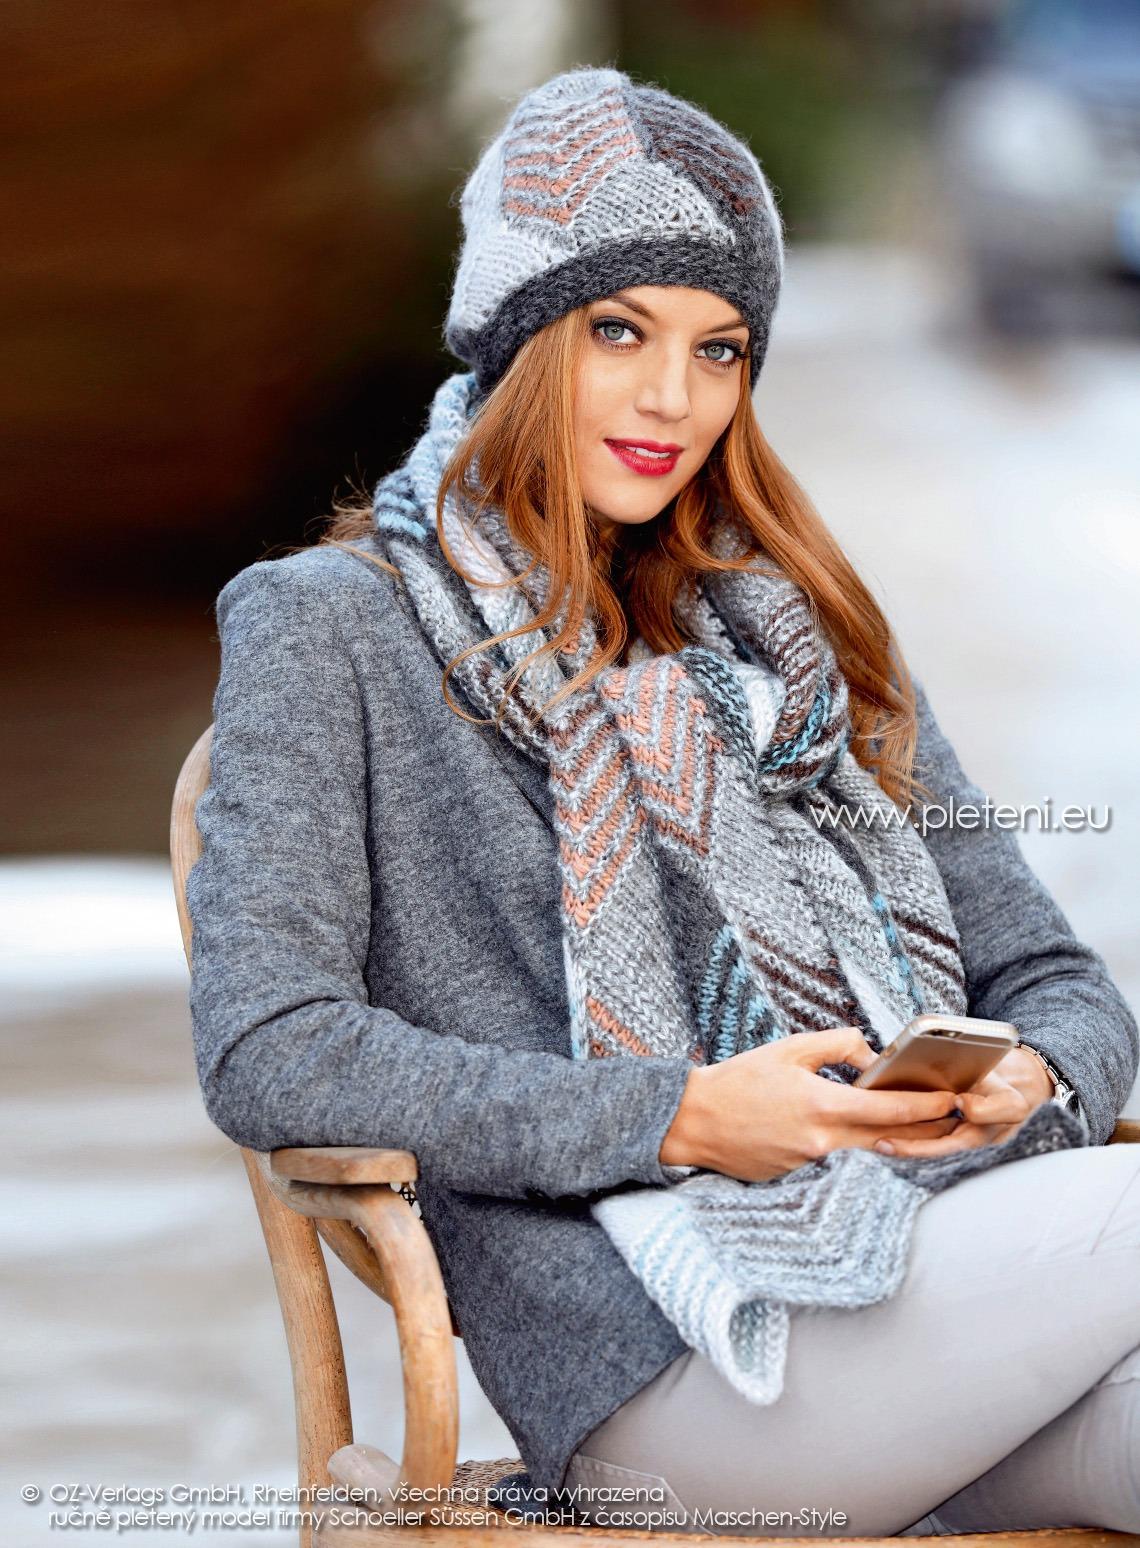 2017-2018 model 01 a 02 čepice a šála z přízí Caleido a Delgada firmy Schoeller